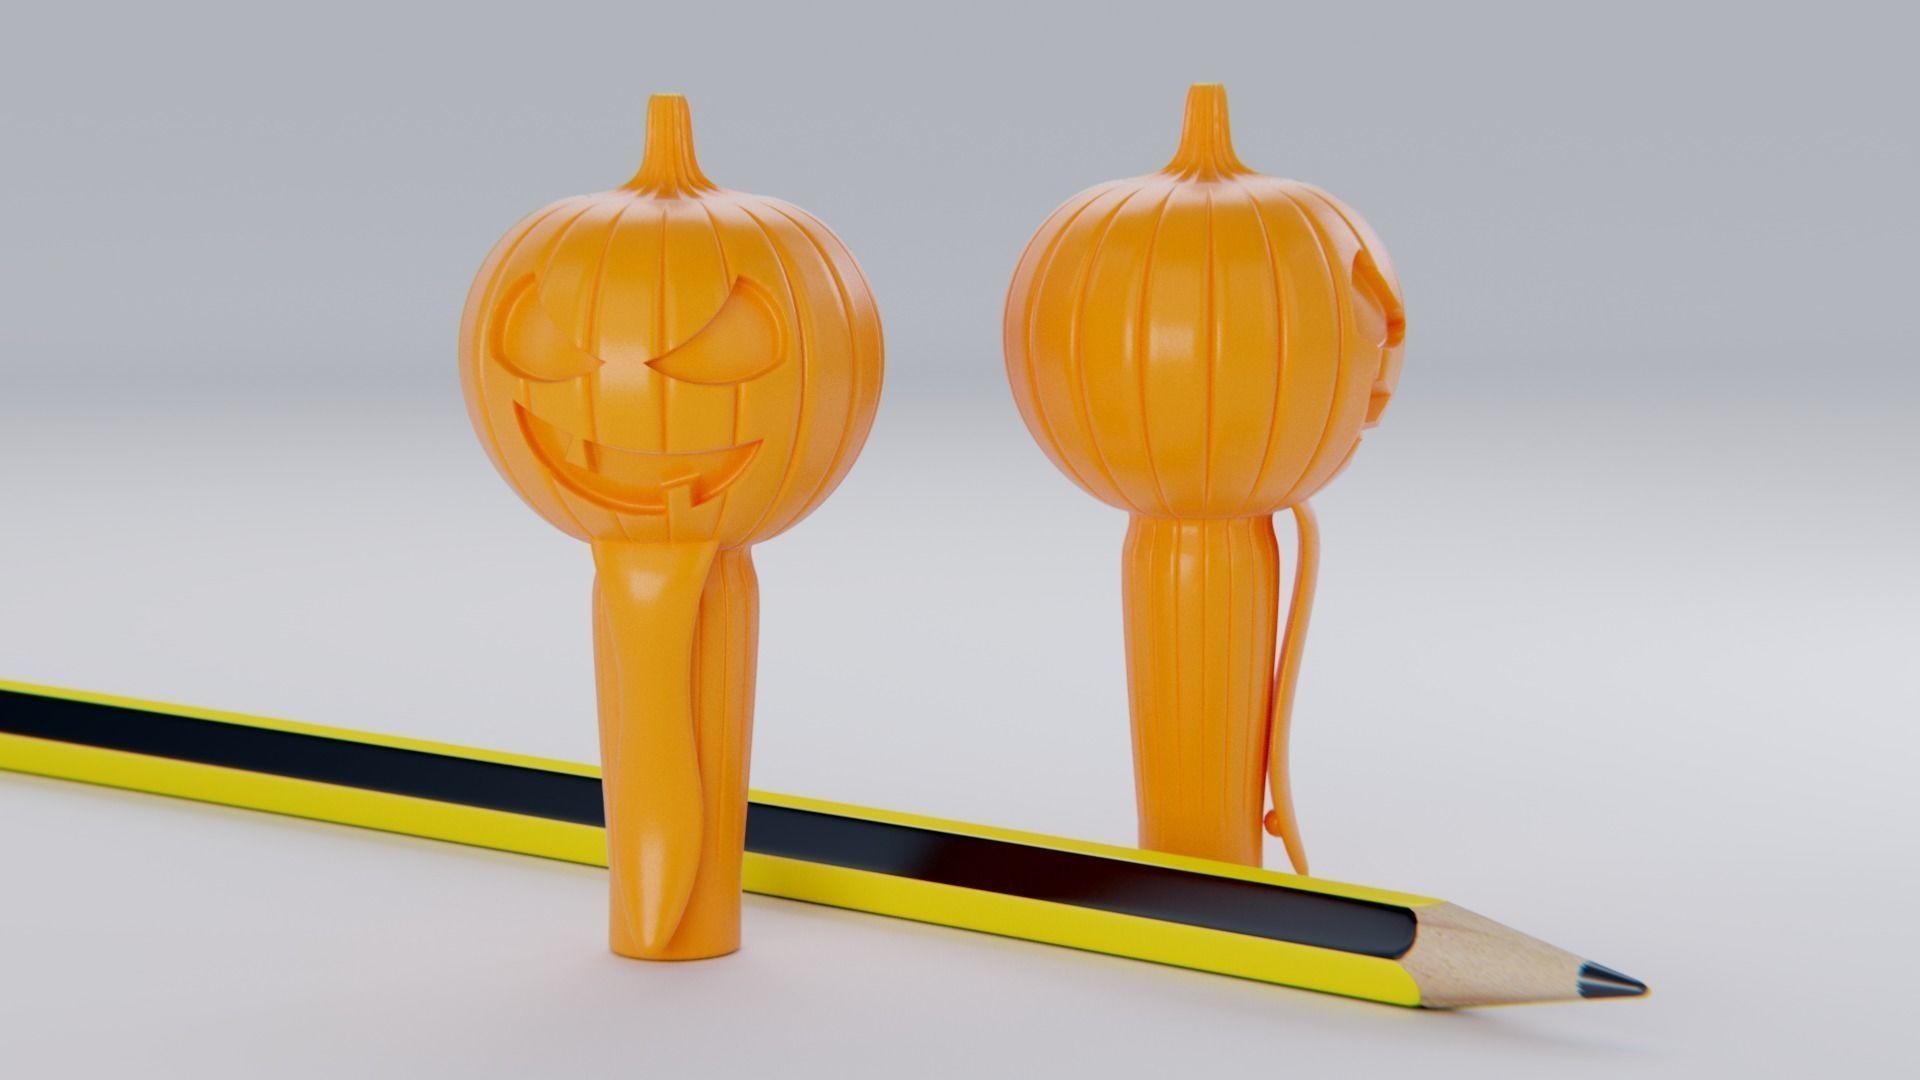 Pumpkin Pencil Cap